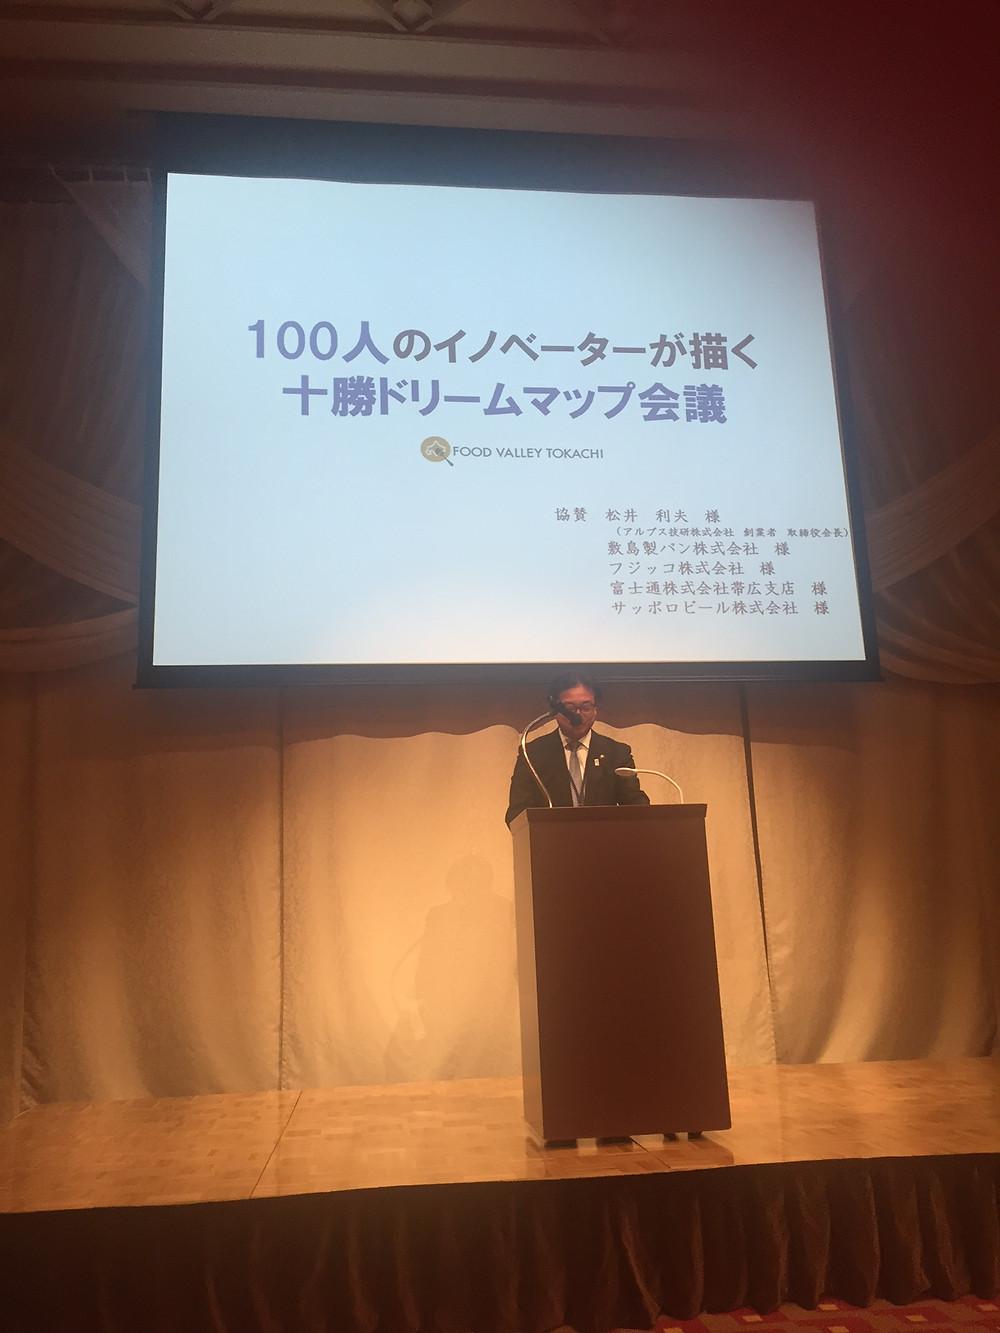 米沢市長の挨拶